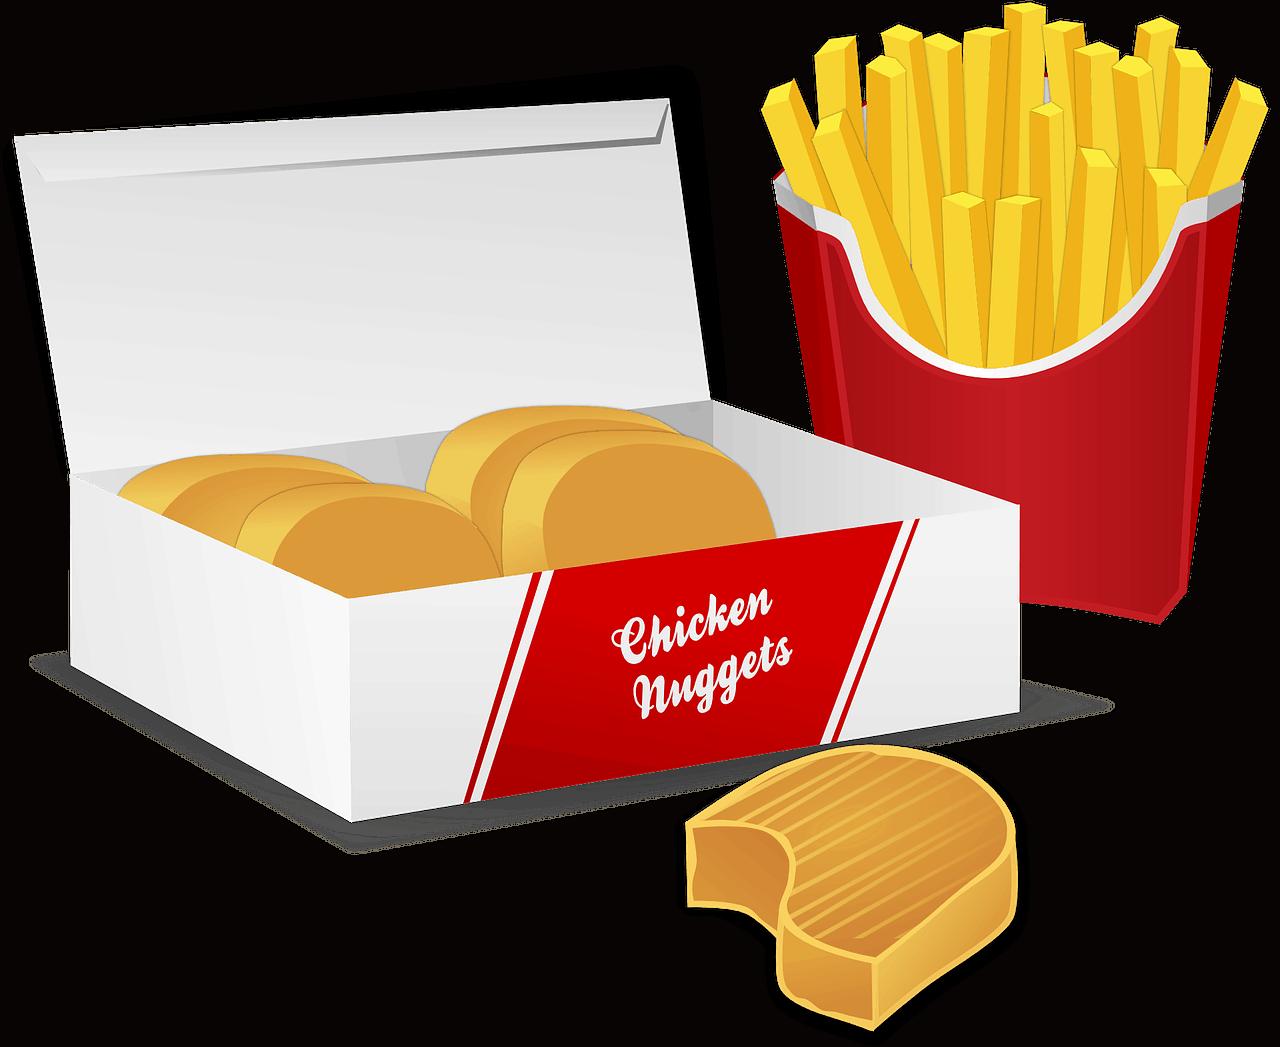 Composti dannosi nelle confezioni dei fast food americani. E in Italia?